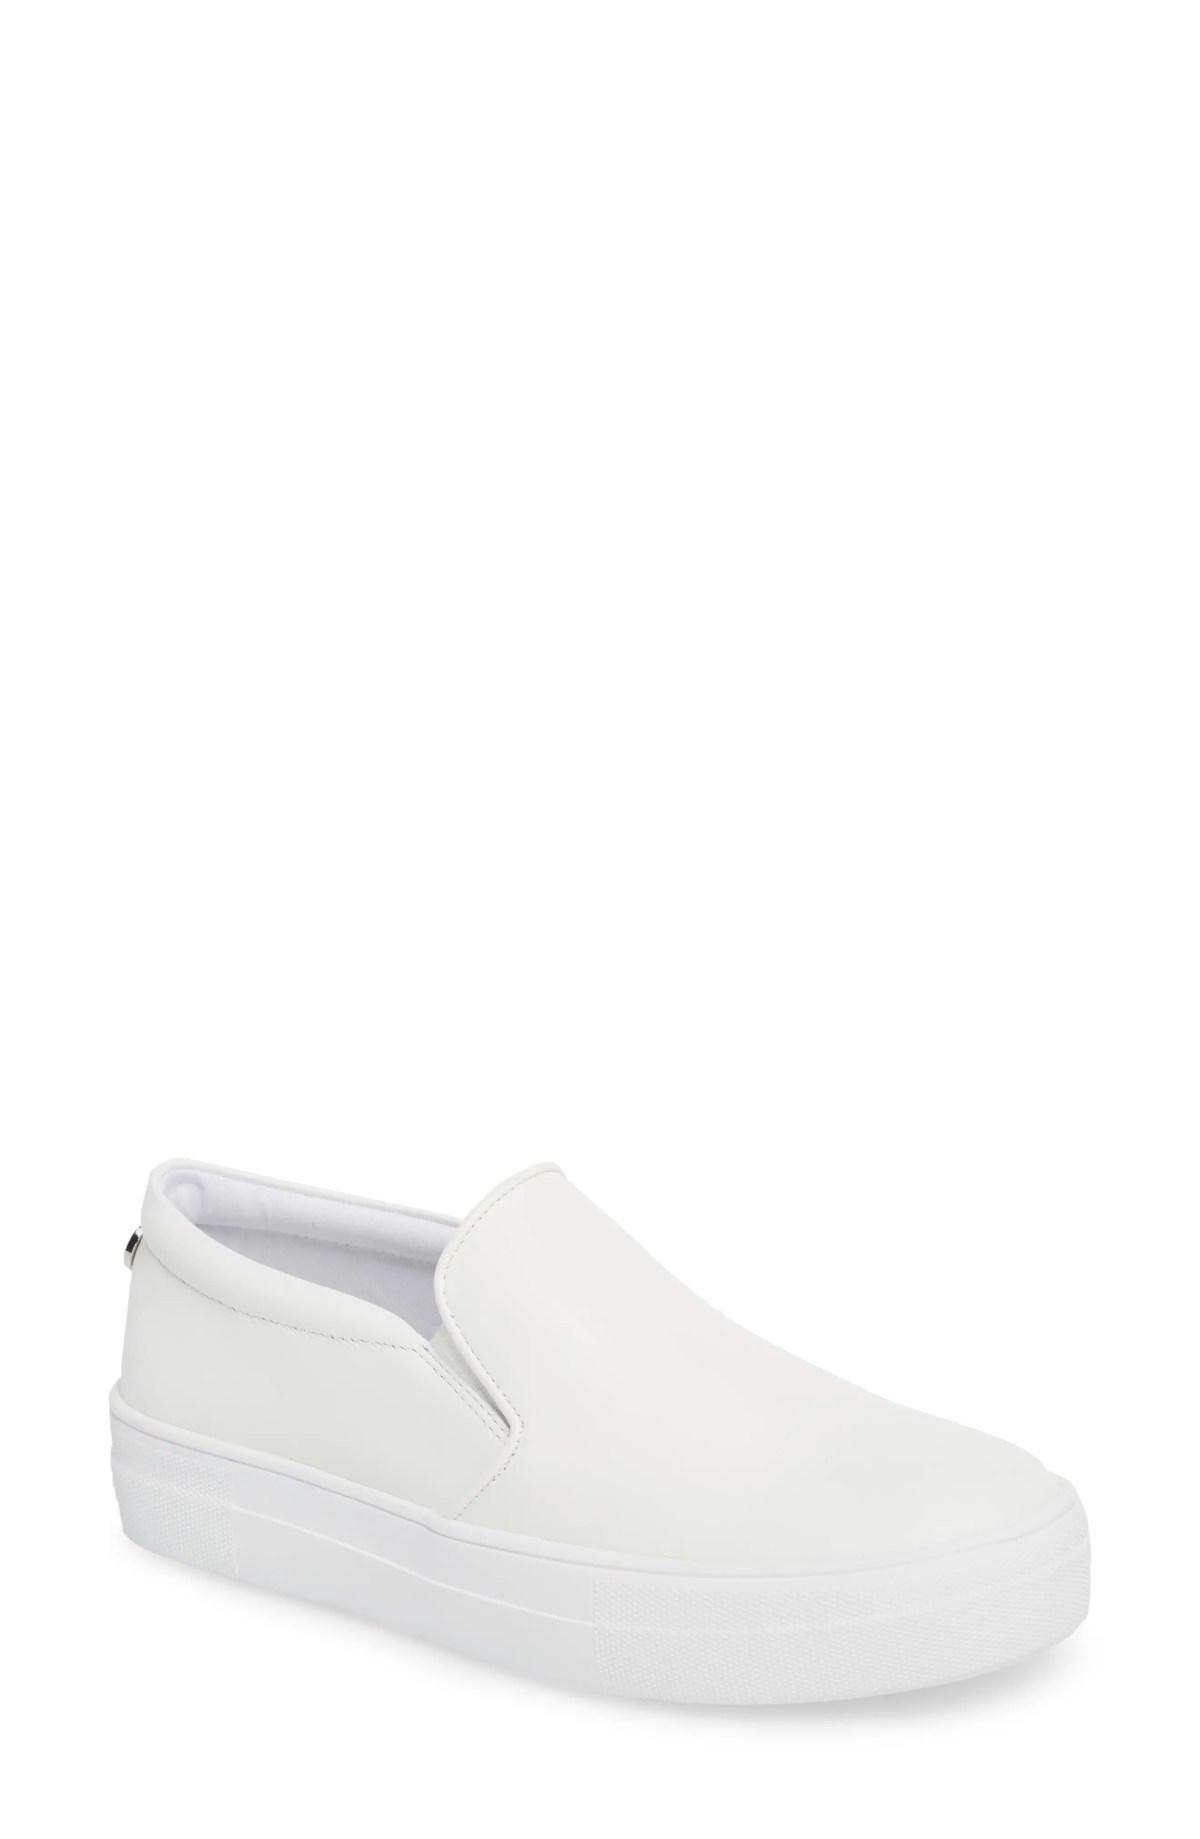 STEVE MADDEN Gills Platform Slip-On Sneaker, Main, color, WHITE LEATHER